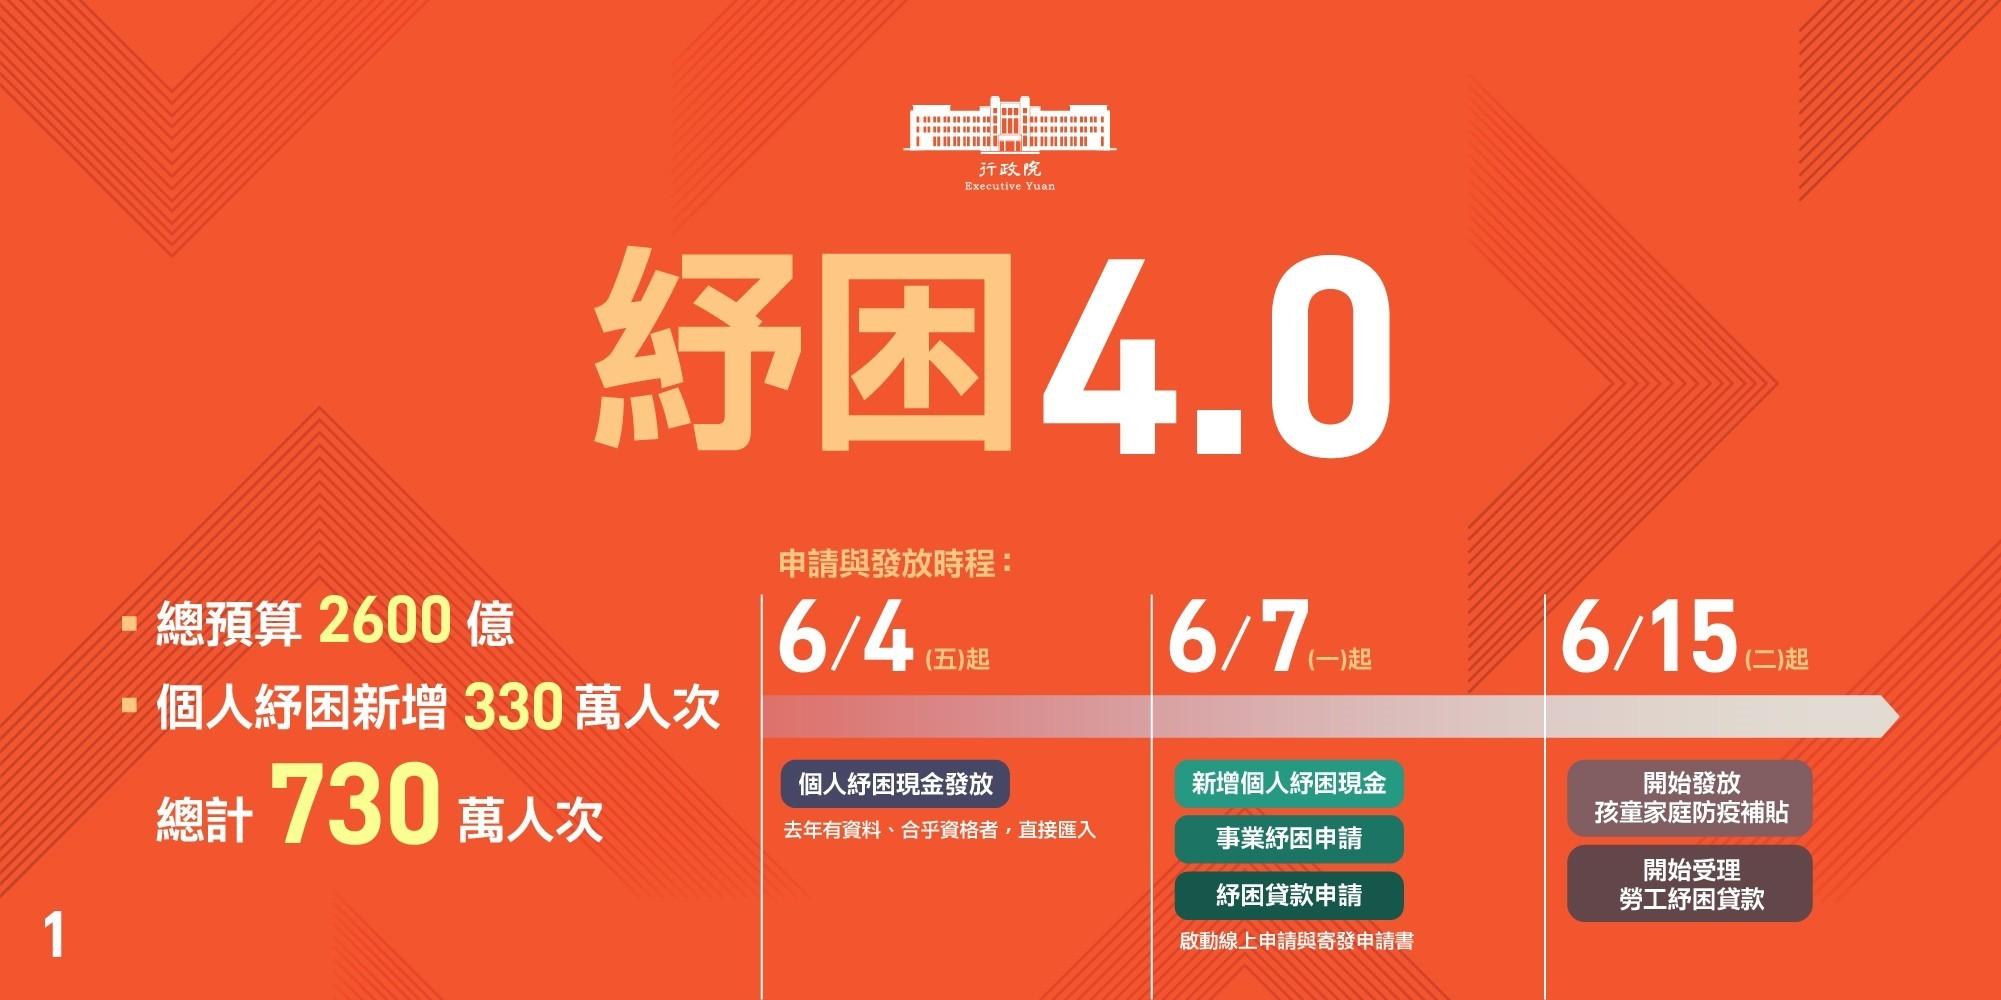 美業紓困4-0懶人包-自營業者能否申請補助|台北市中山站 IA 專業美睫設計